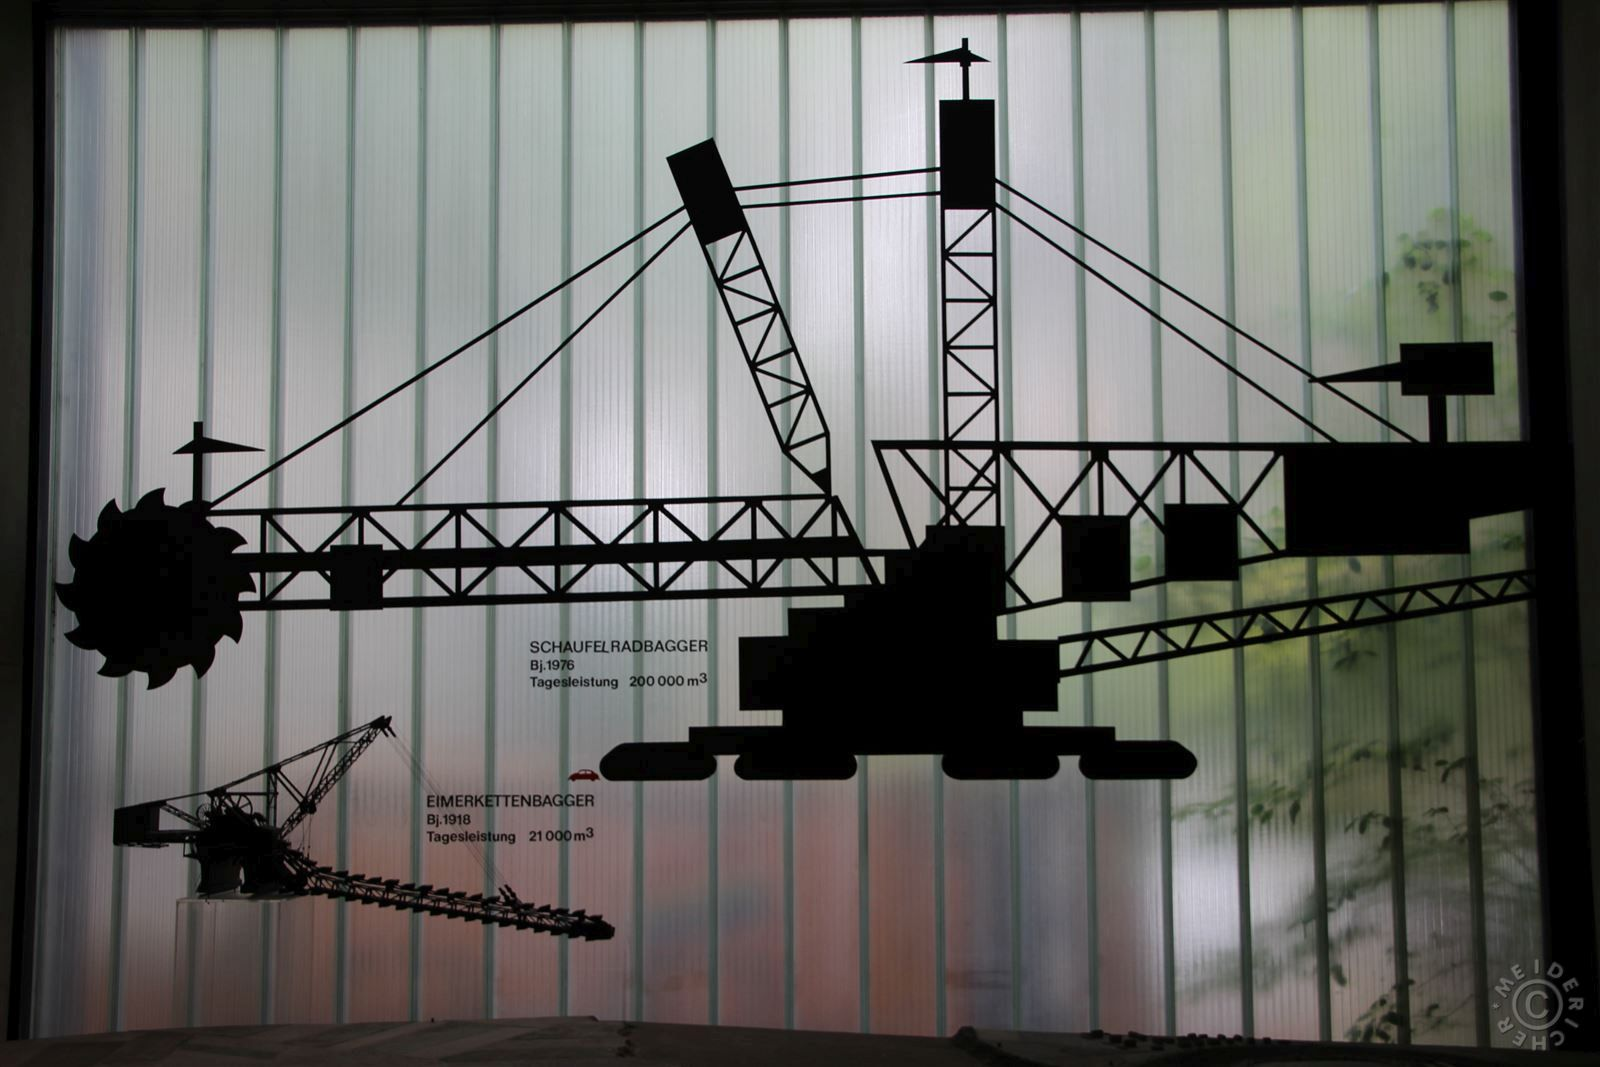 Besuch des Bergbau Museums Bochum 2710